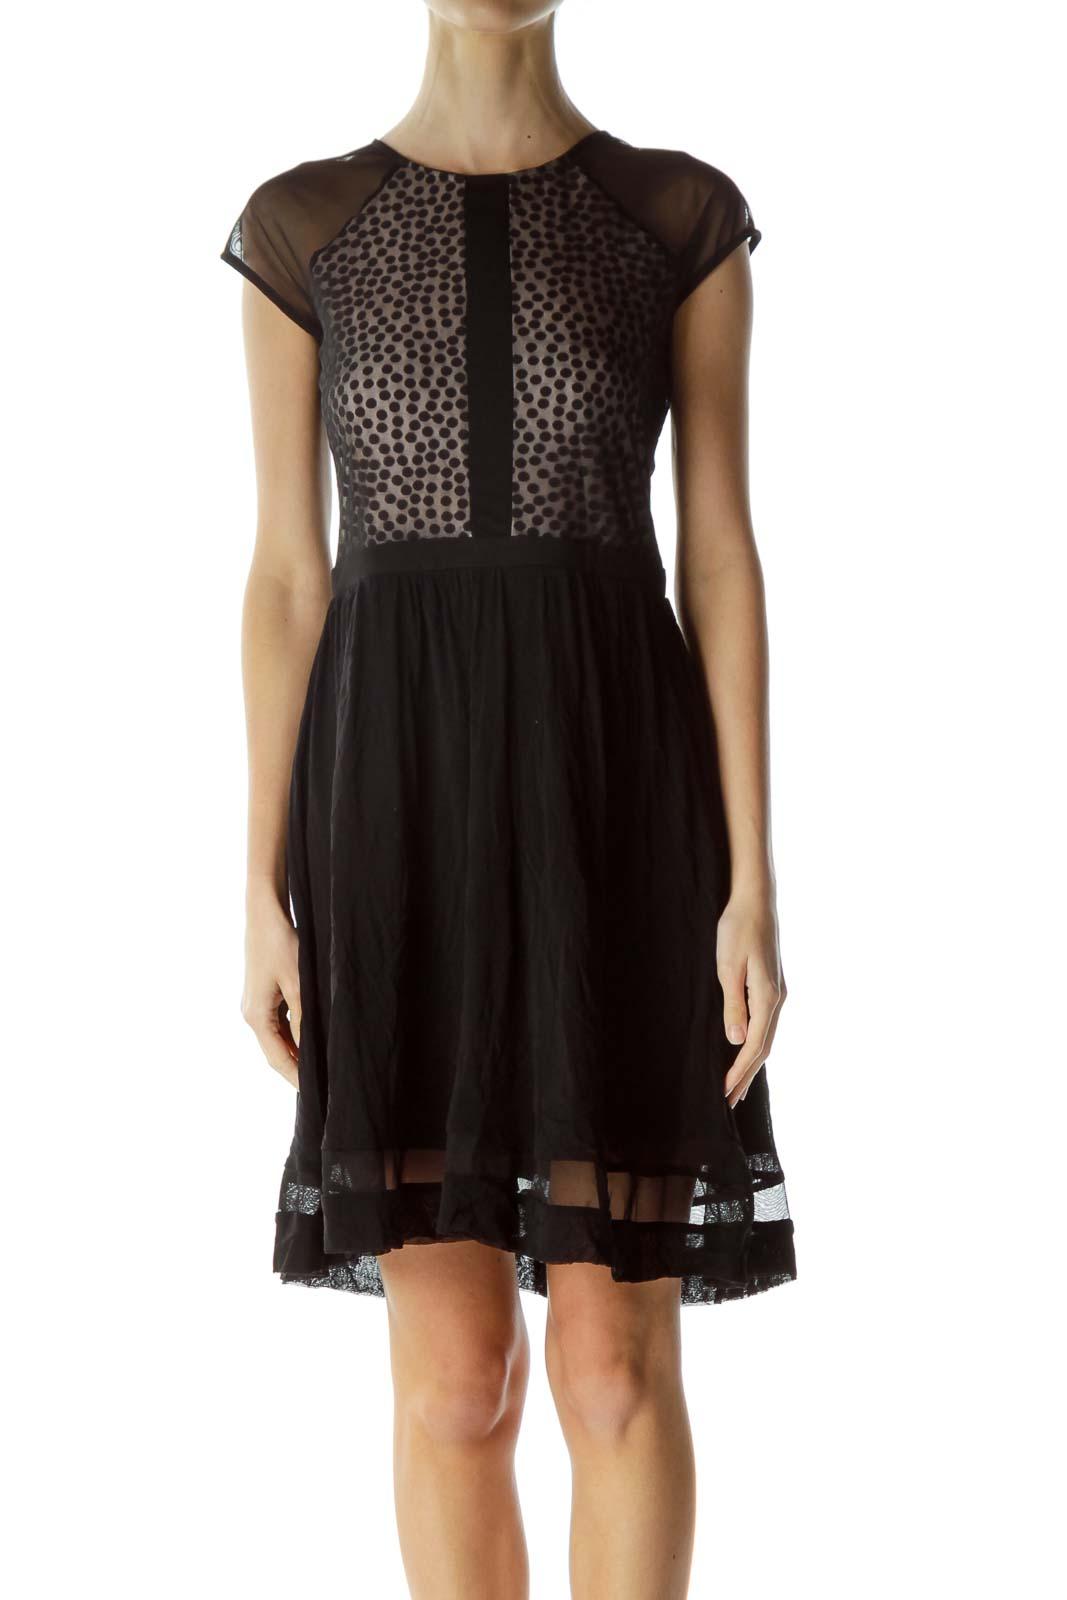 Black Beige Sheer Polka Dot Cocktail Dress